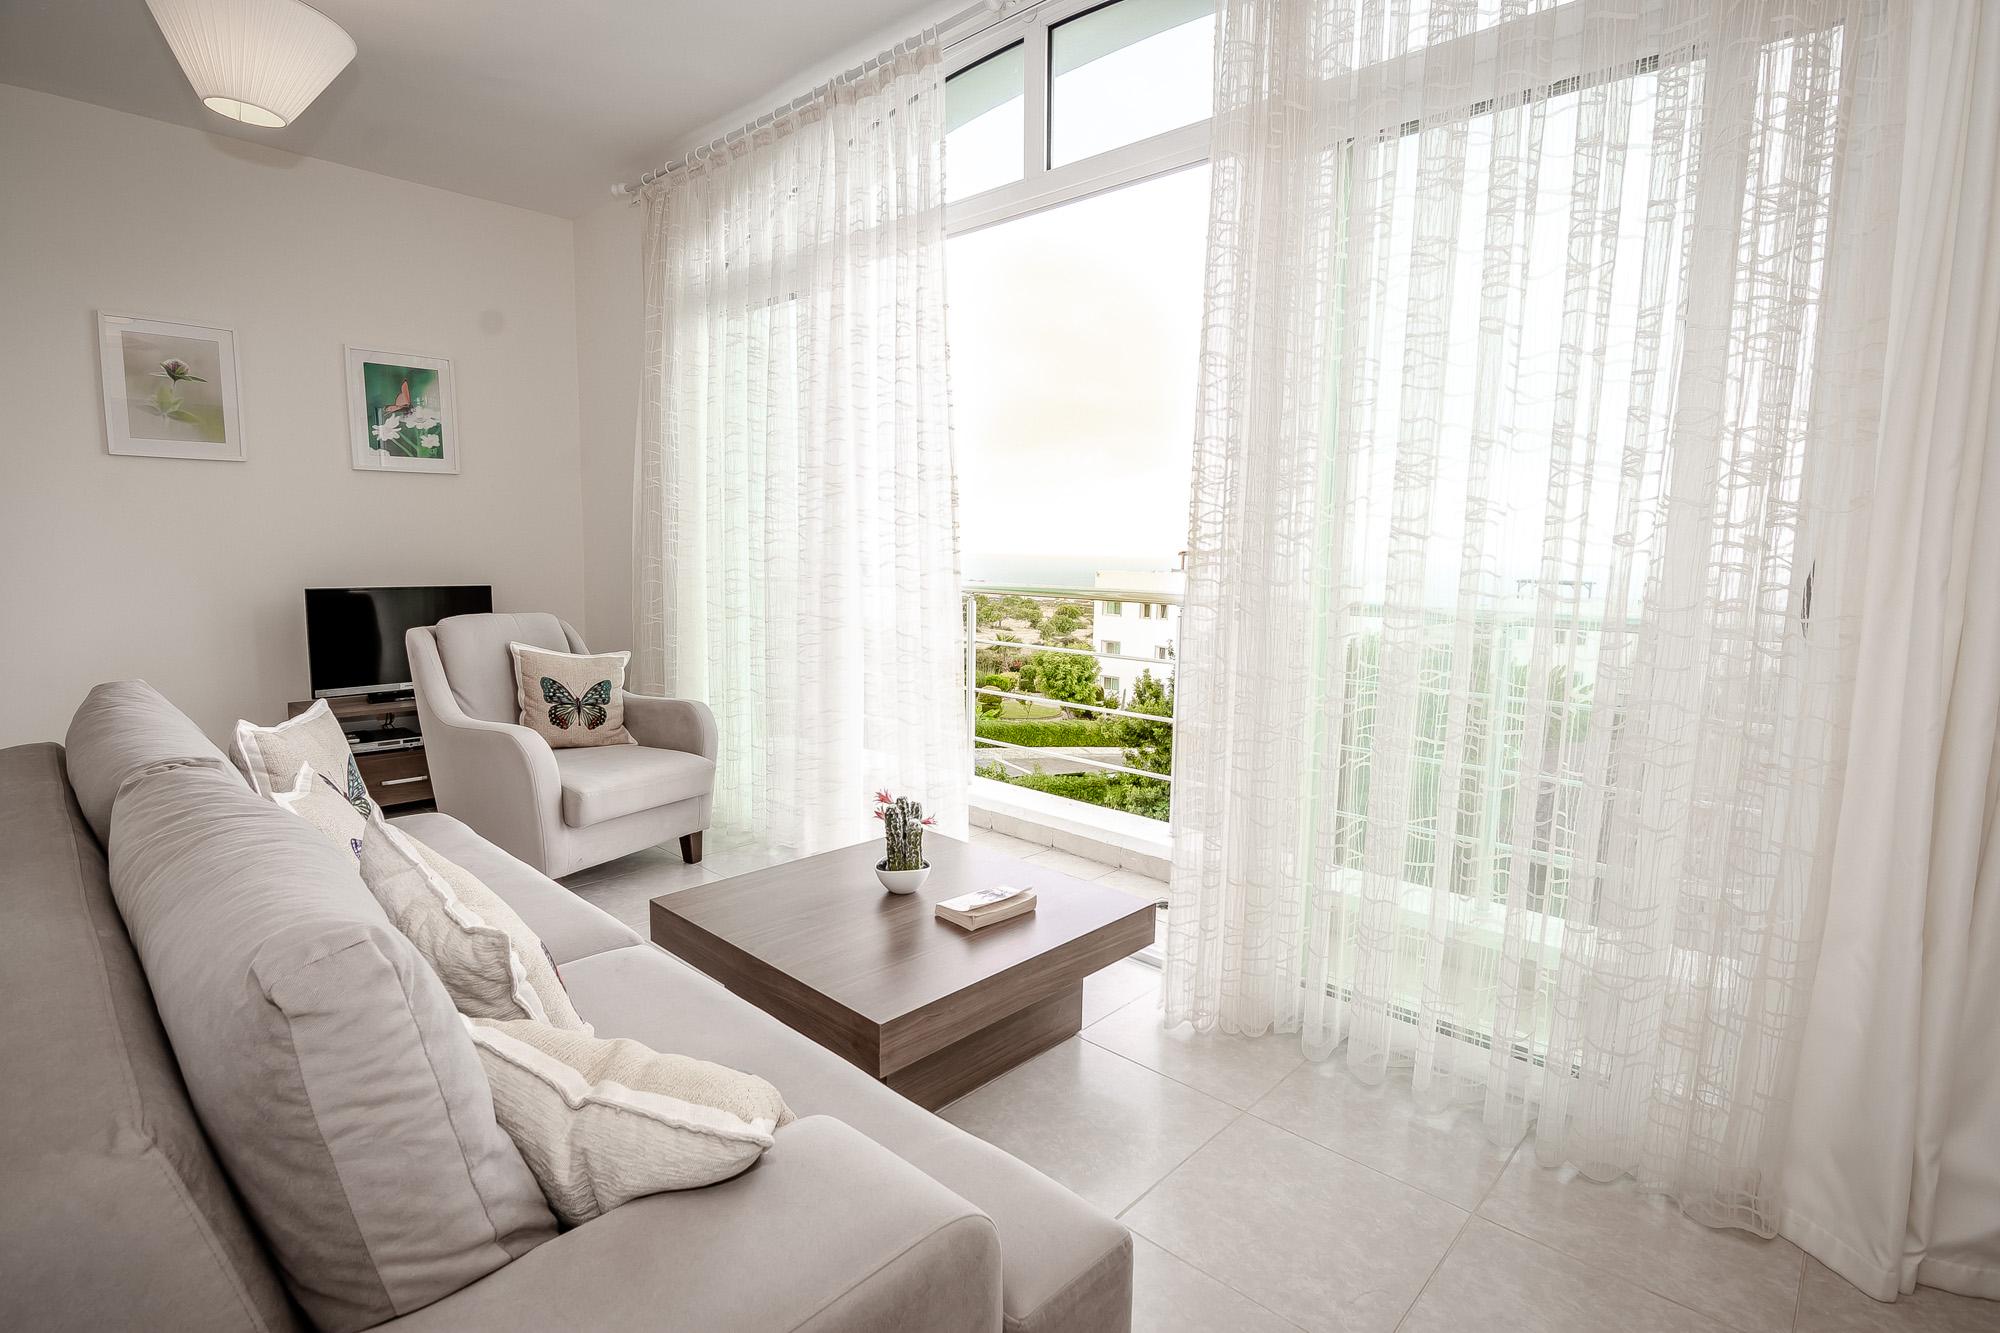 Apartment Joya Cyprus Mystic Penthouse Apartment photo 20381732